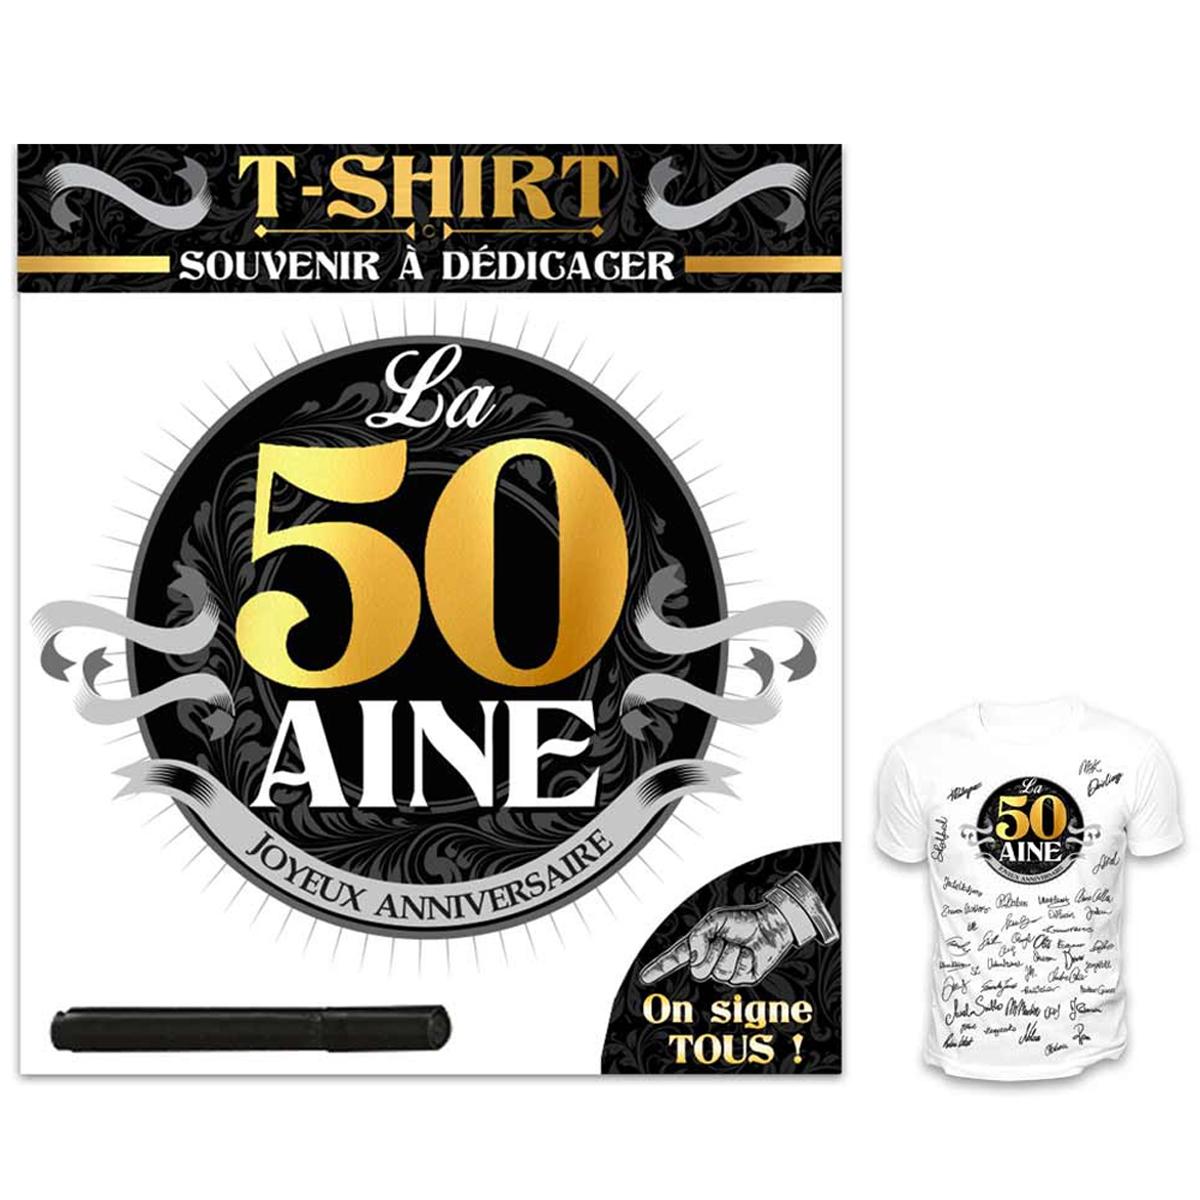 T-shirt \'50 aine\' noir blanc - (dédicace) - [R1425]